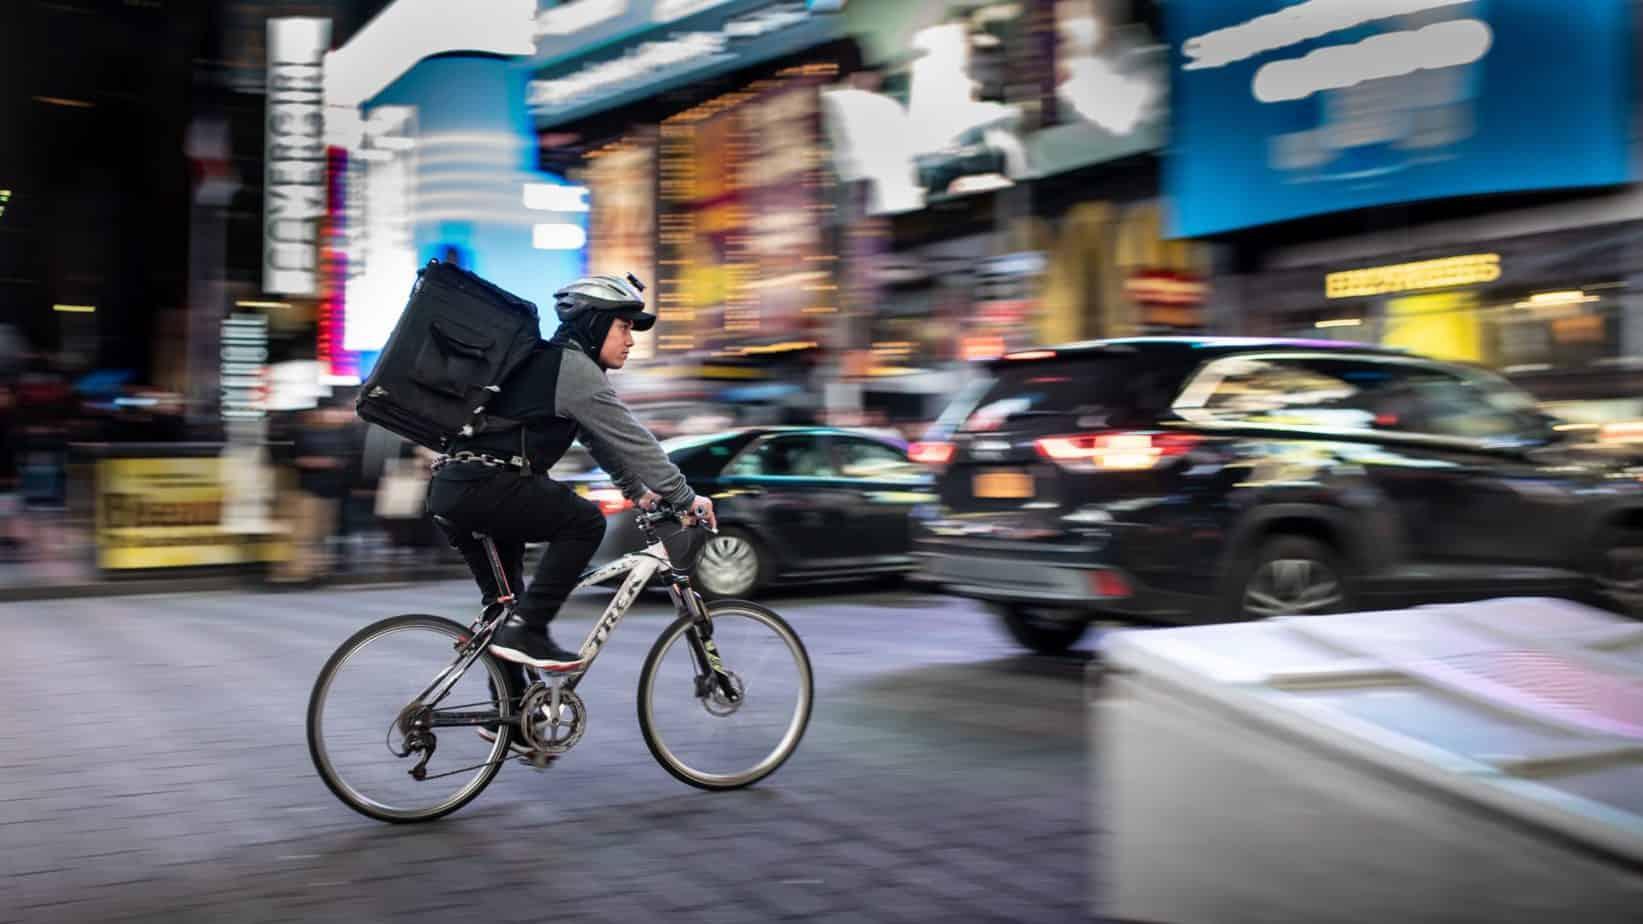 La ville de New York compte protéger au maximum les livreurs à vélo grâce à ces nouvelles lois.